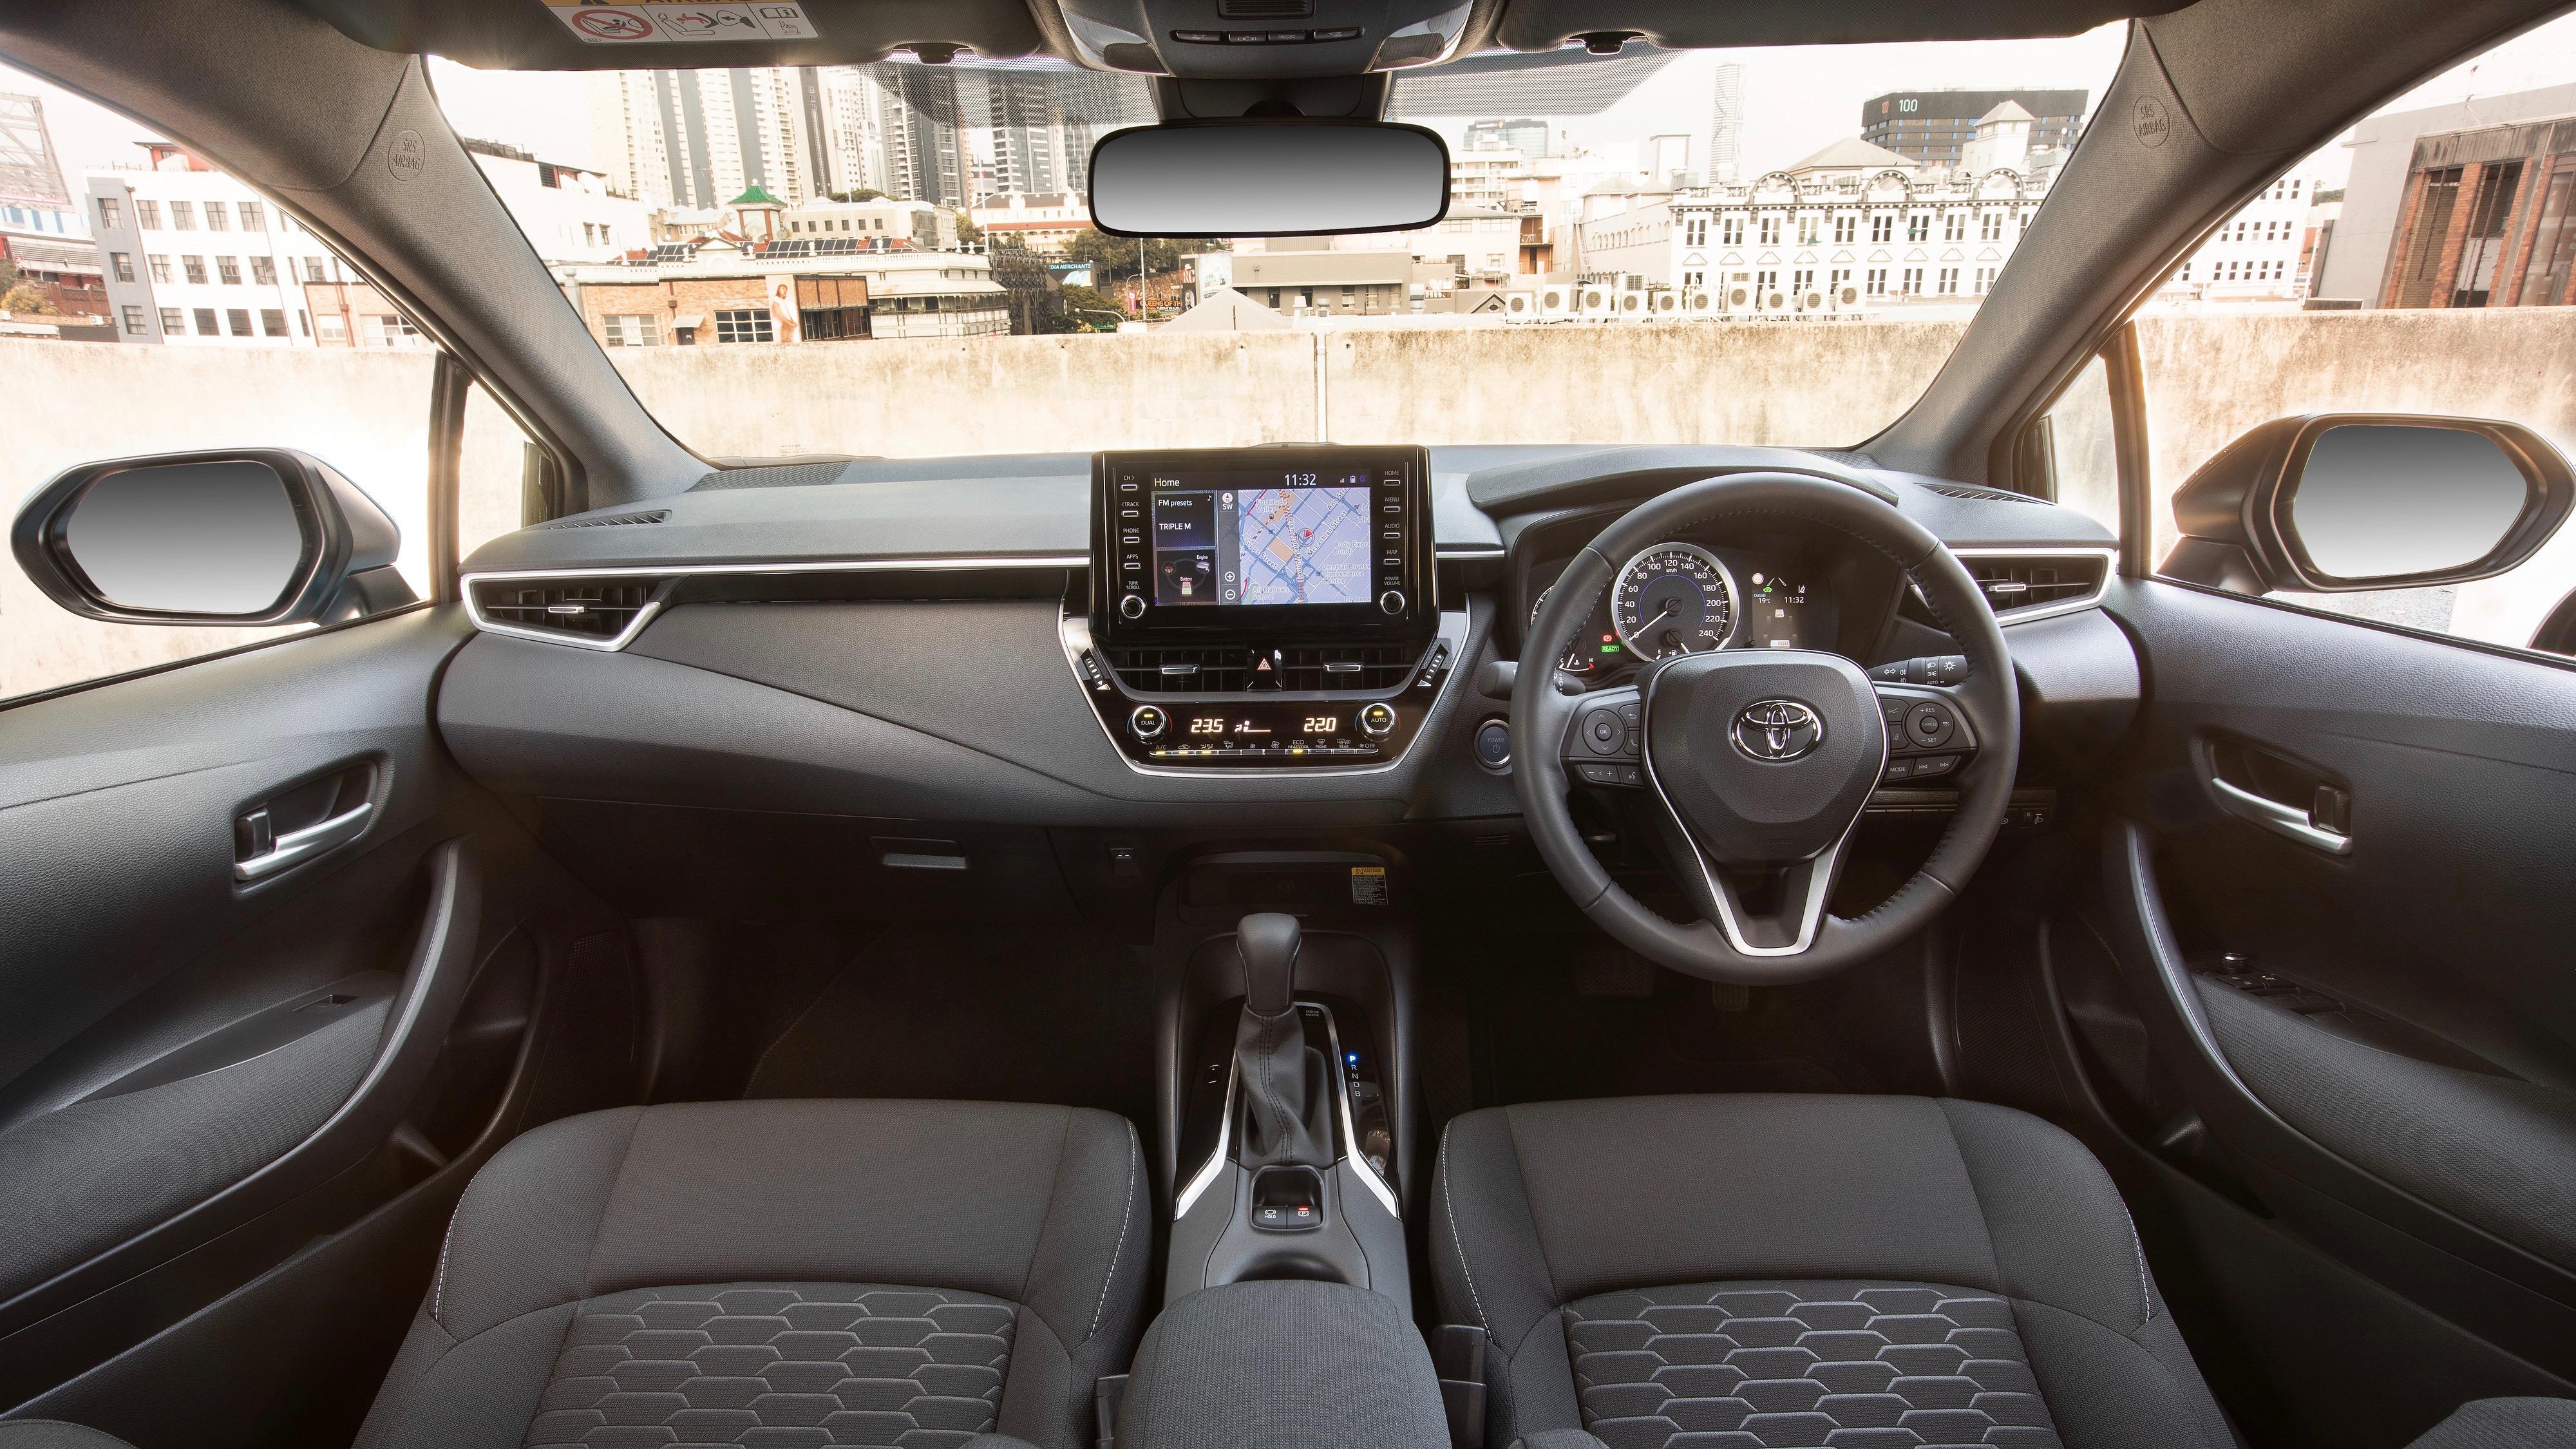 2019 Toyota Corolla SX cabin